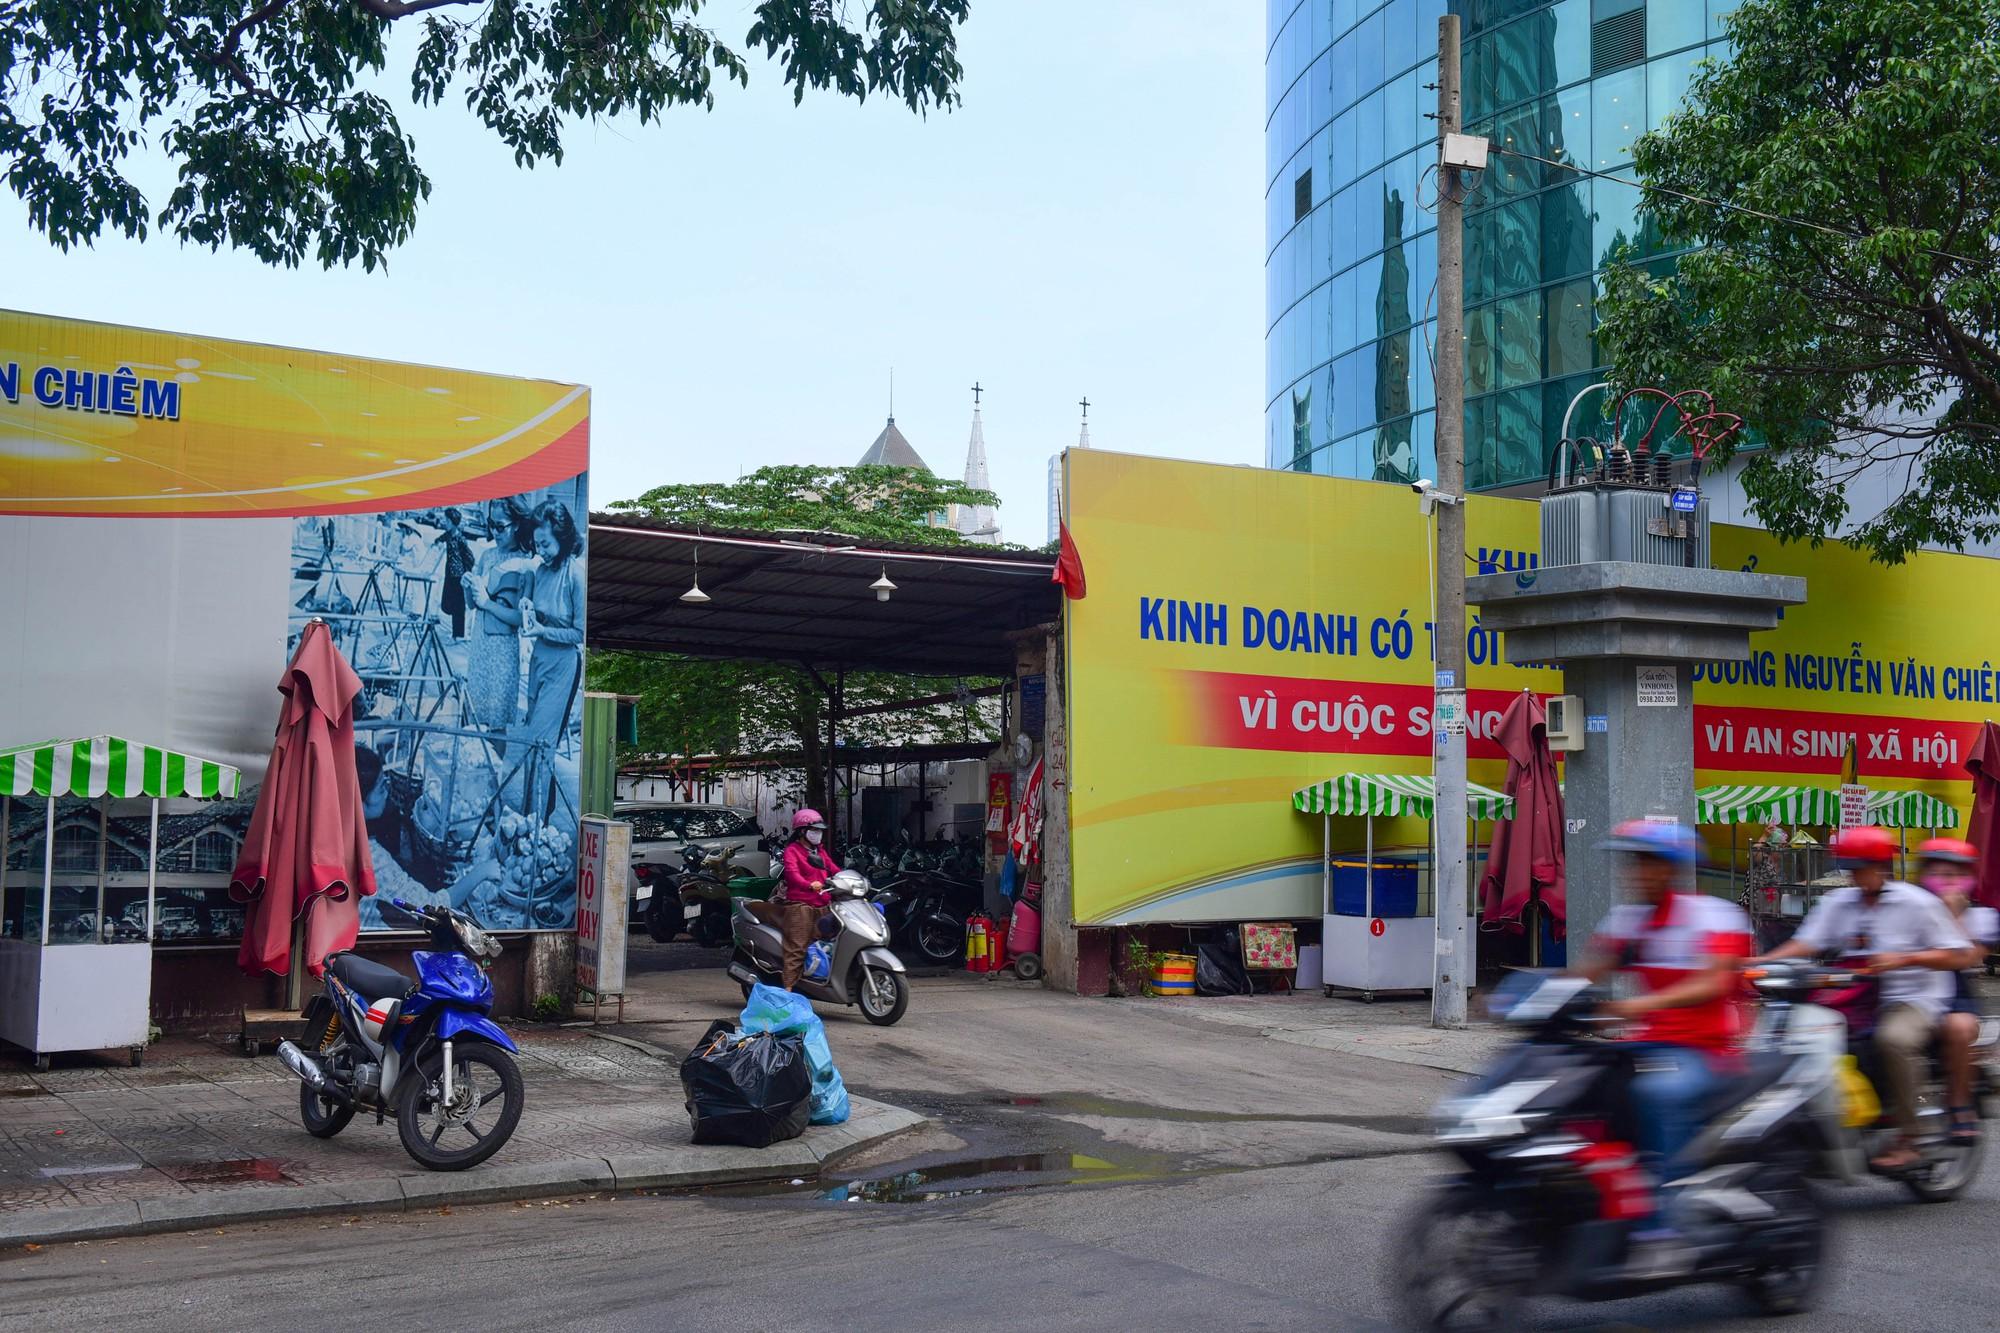 Cận cảnh khu đất vàng 5.000 m2 giữa Sài Gòn được cho thuê giá rẻ mạt  - Ảnh 12.